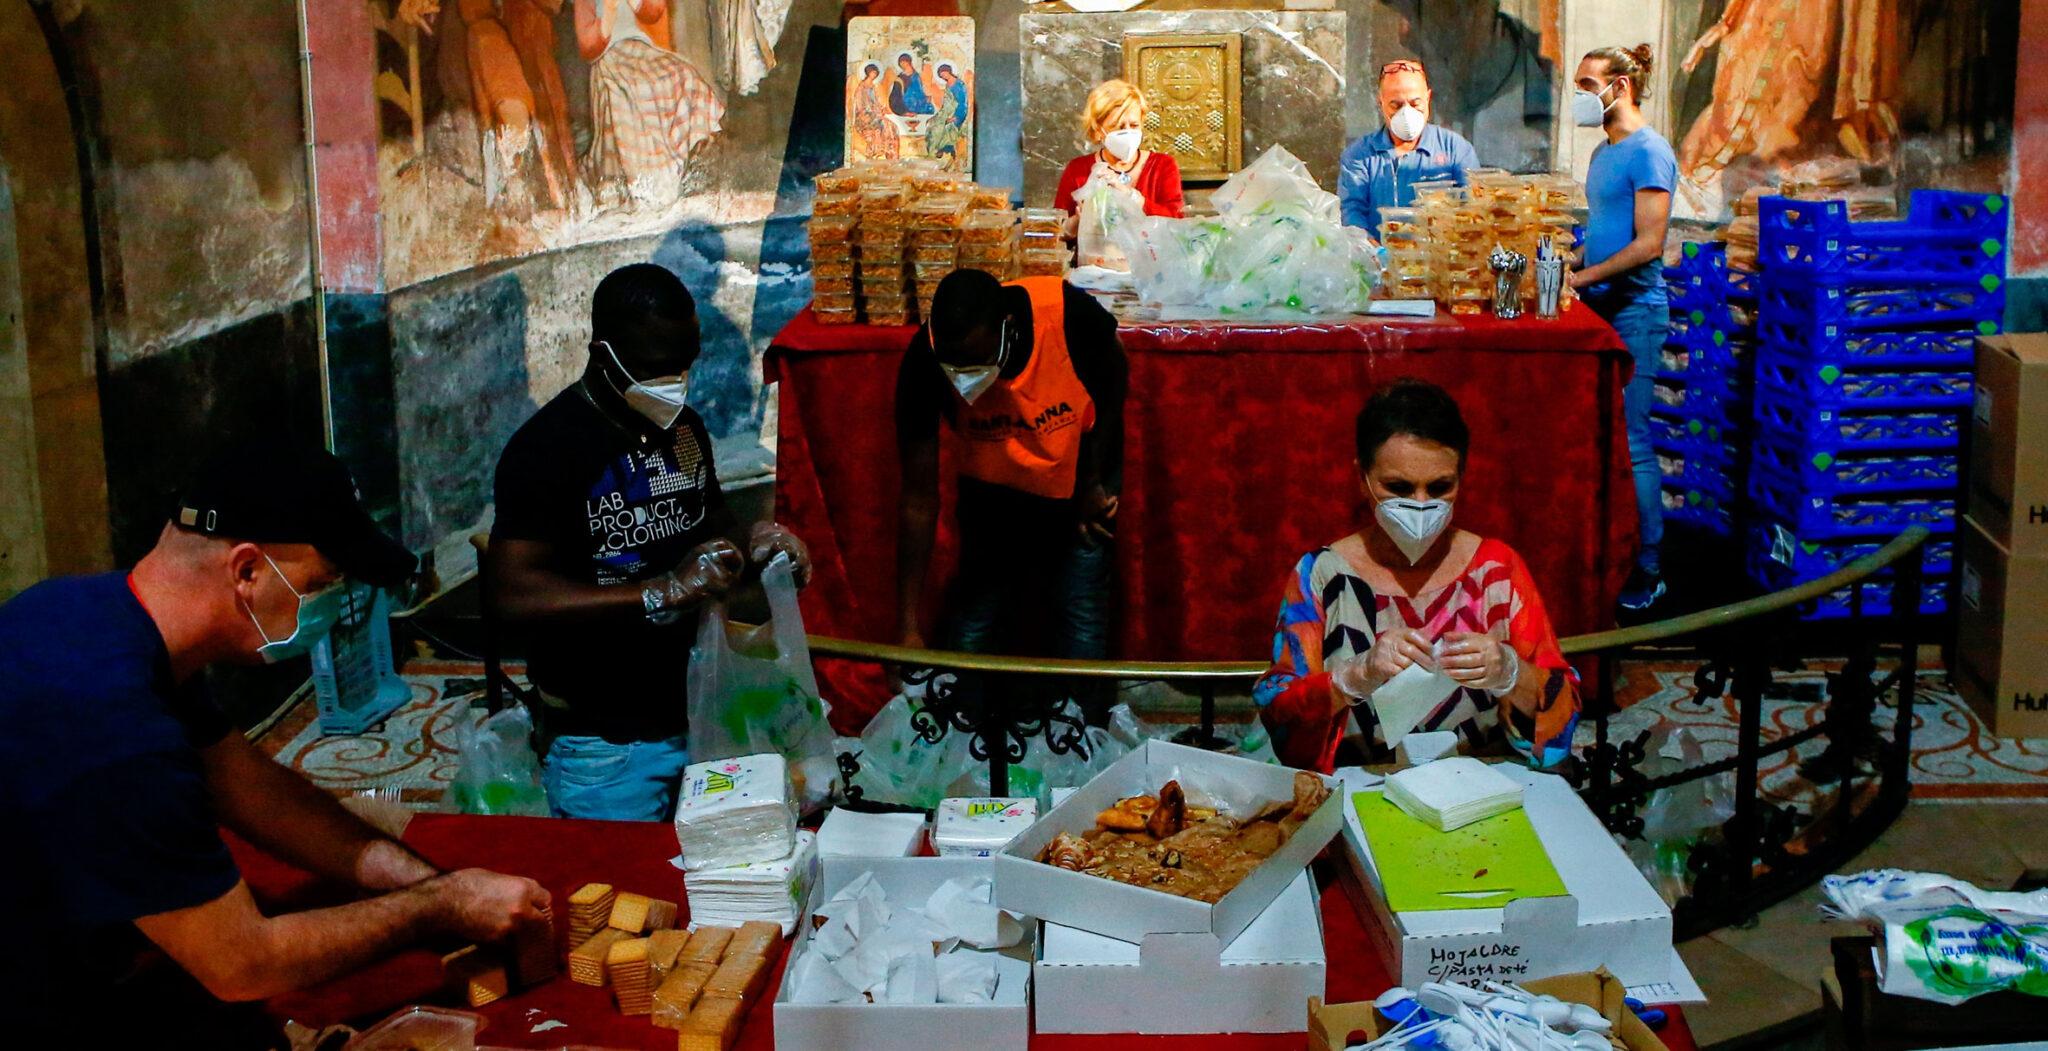 reparto de alimentos en una iglesia de Barcelona